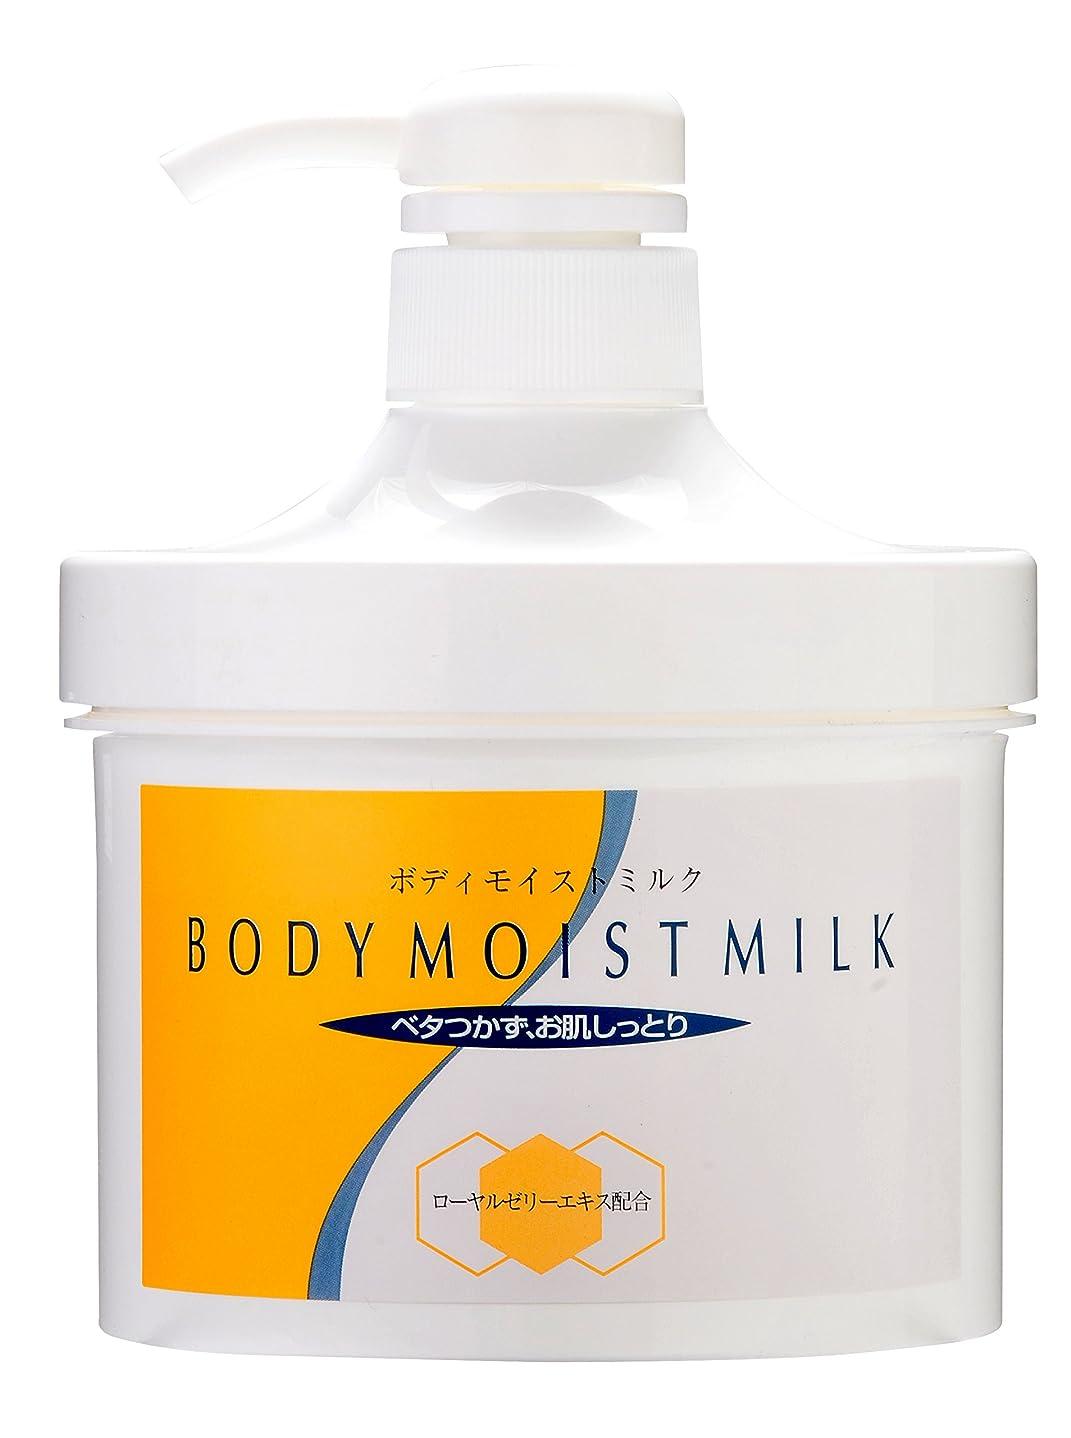 学校の先生ちらつき展示会◆ボディモイストミルク(ボデイクリーム) 全身保湿乳液 無香料